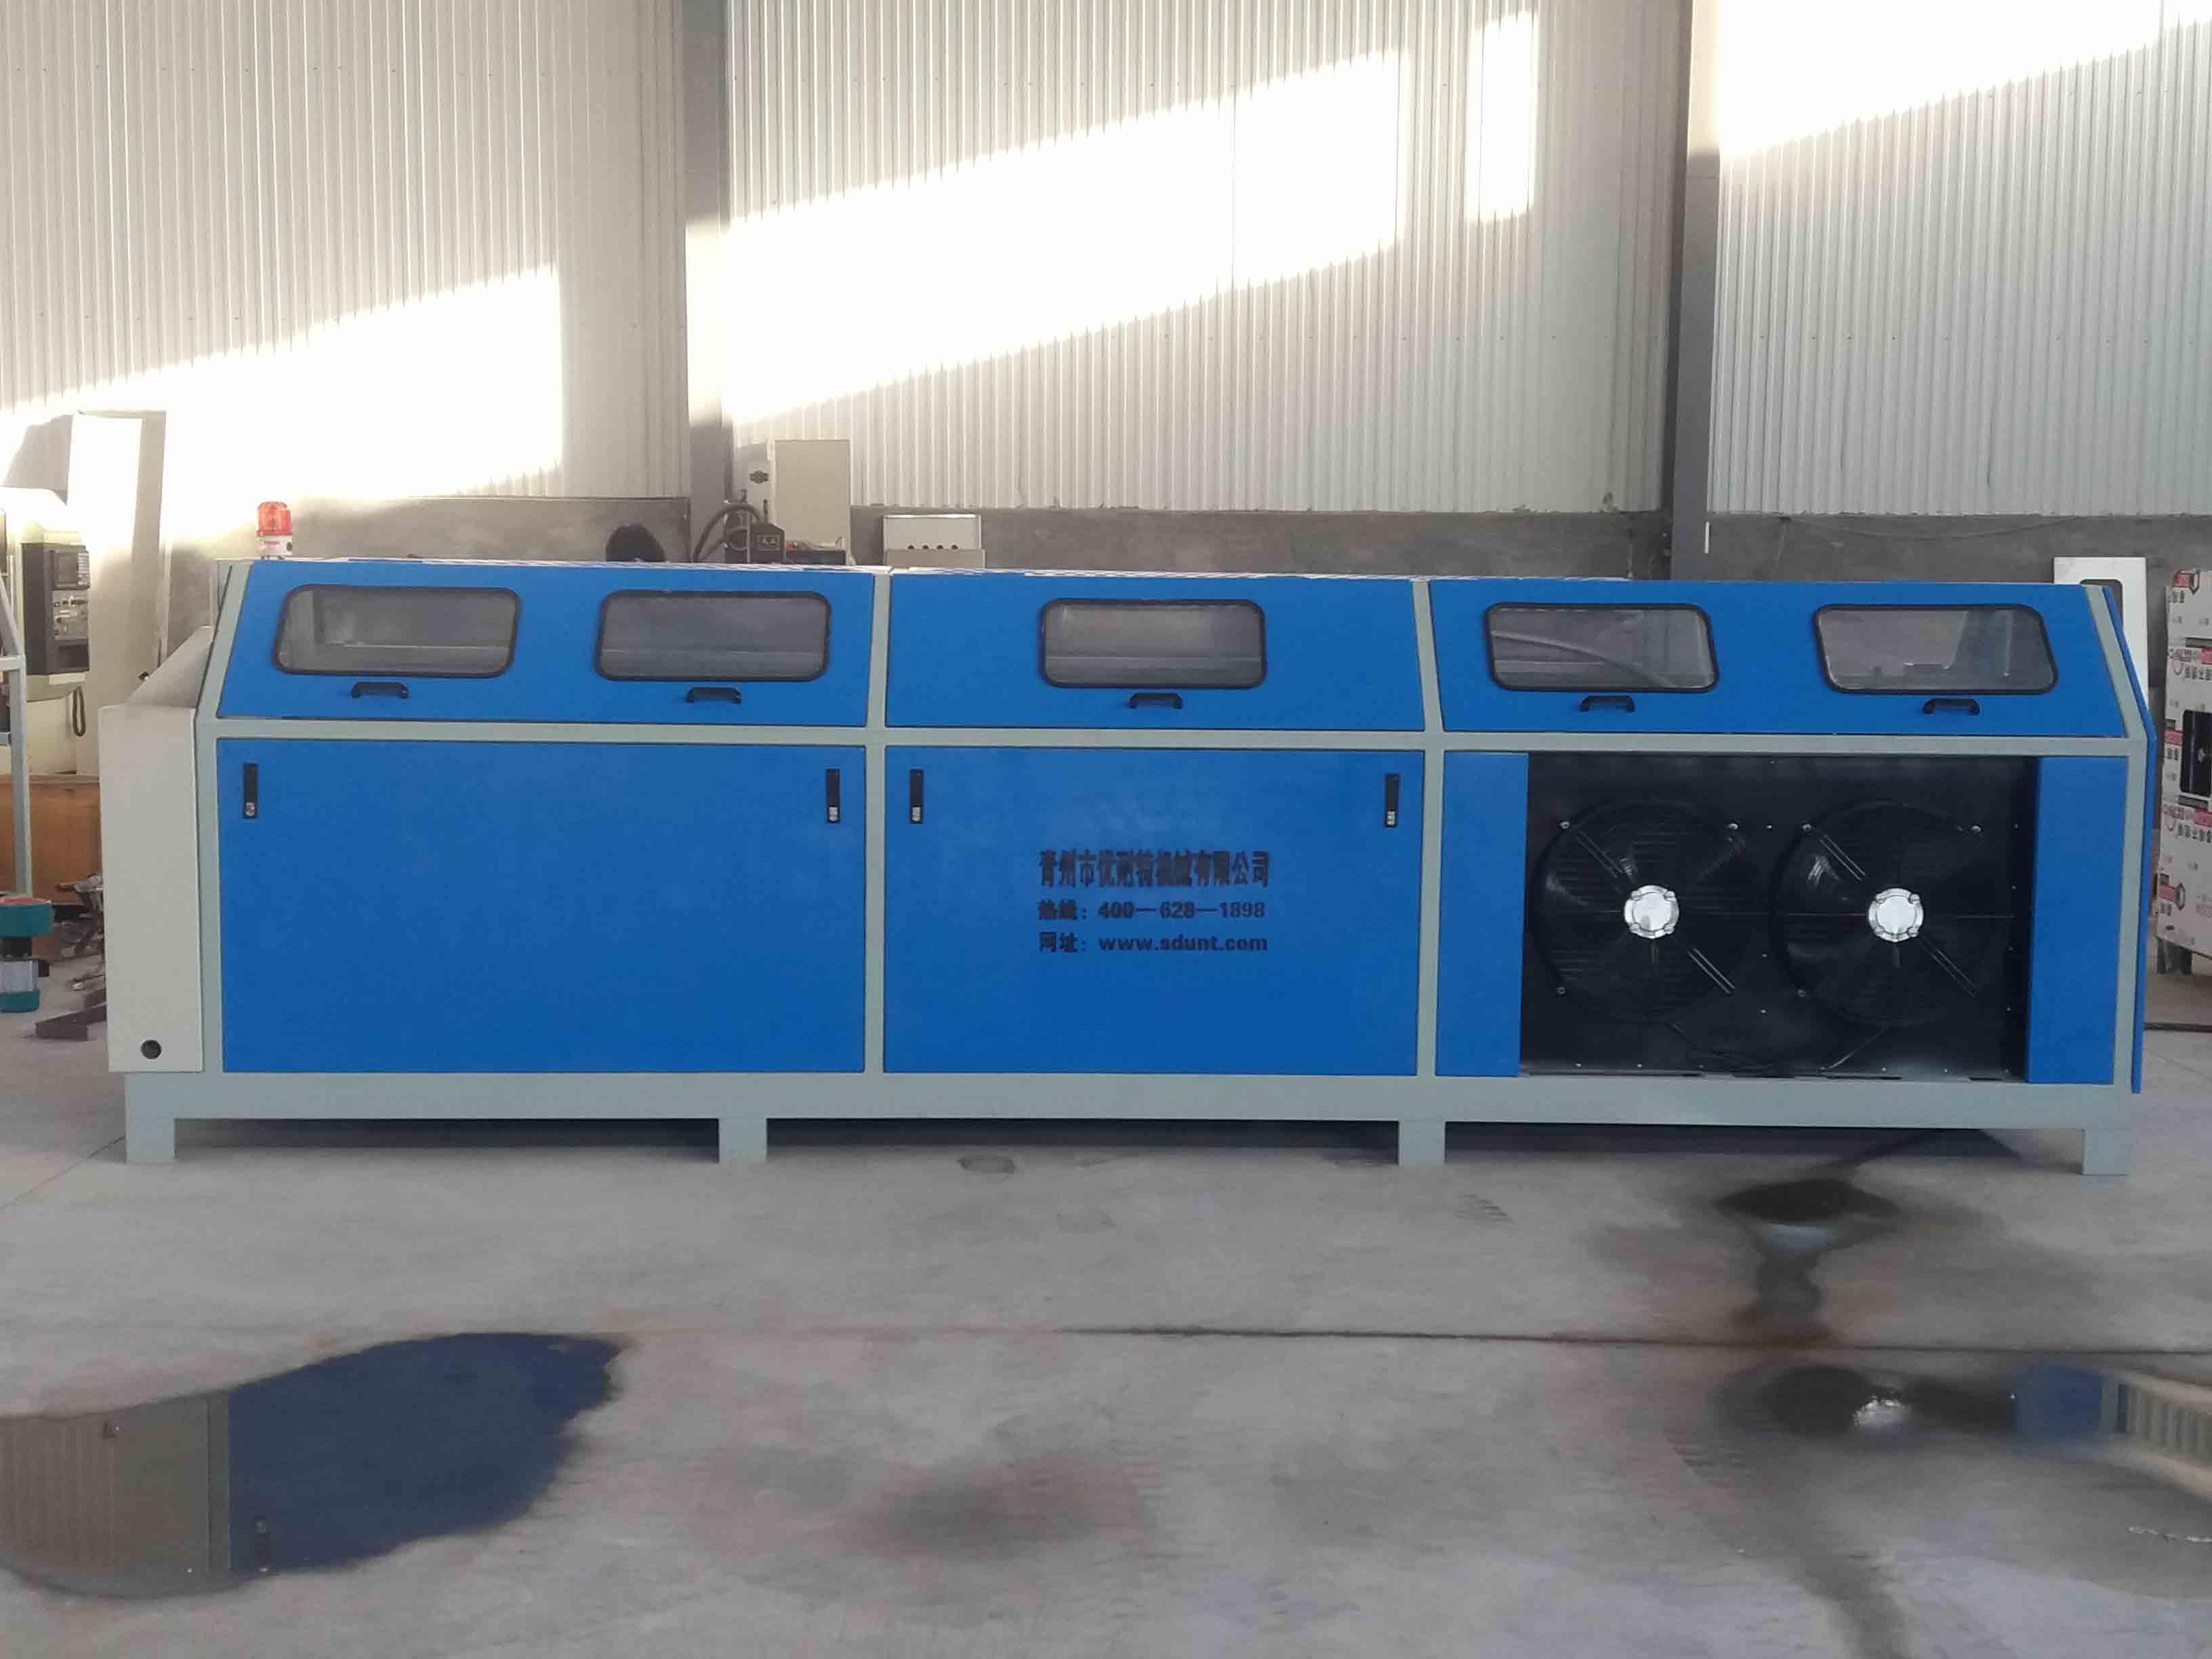 鎳網除膠清洗機設備-優耐特高性價鎳網除膠再生洗網機出售